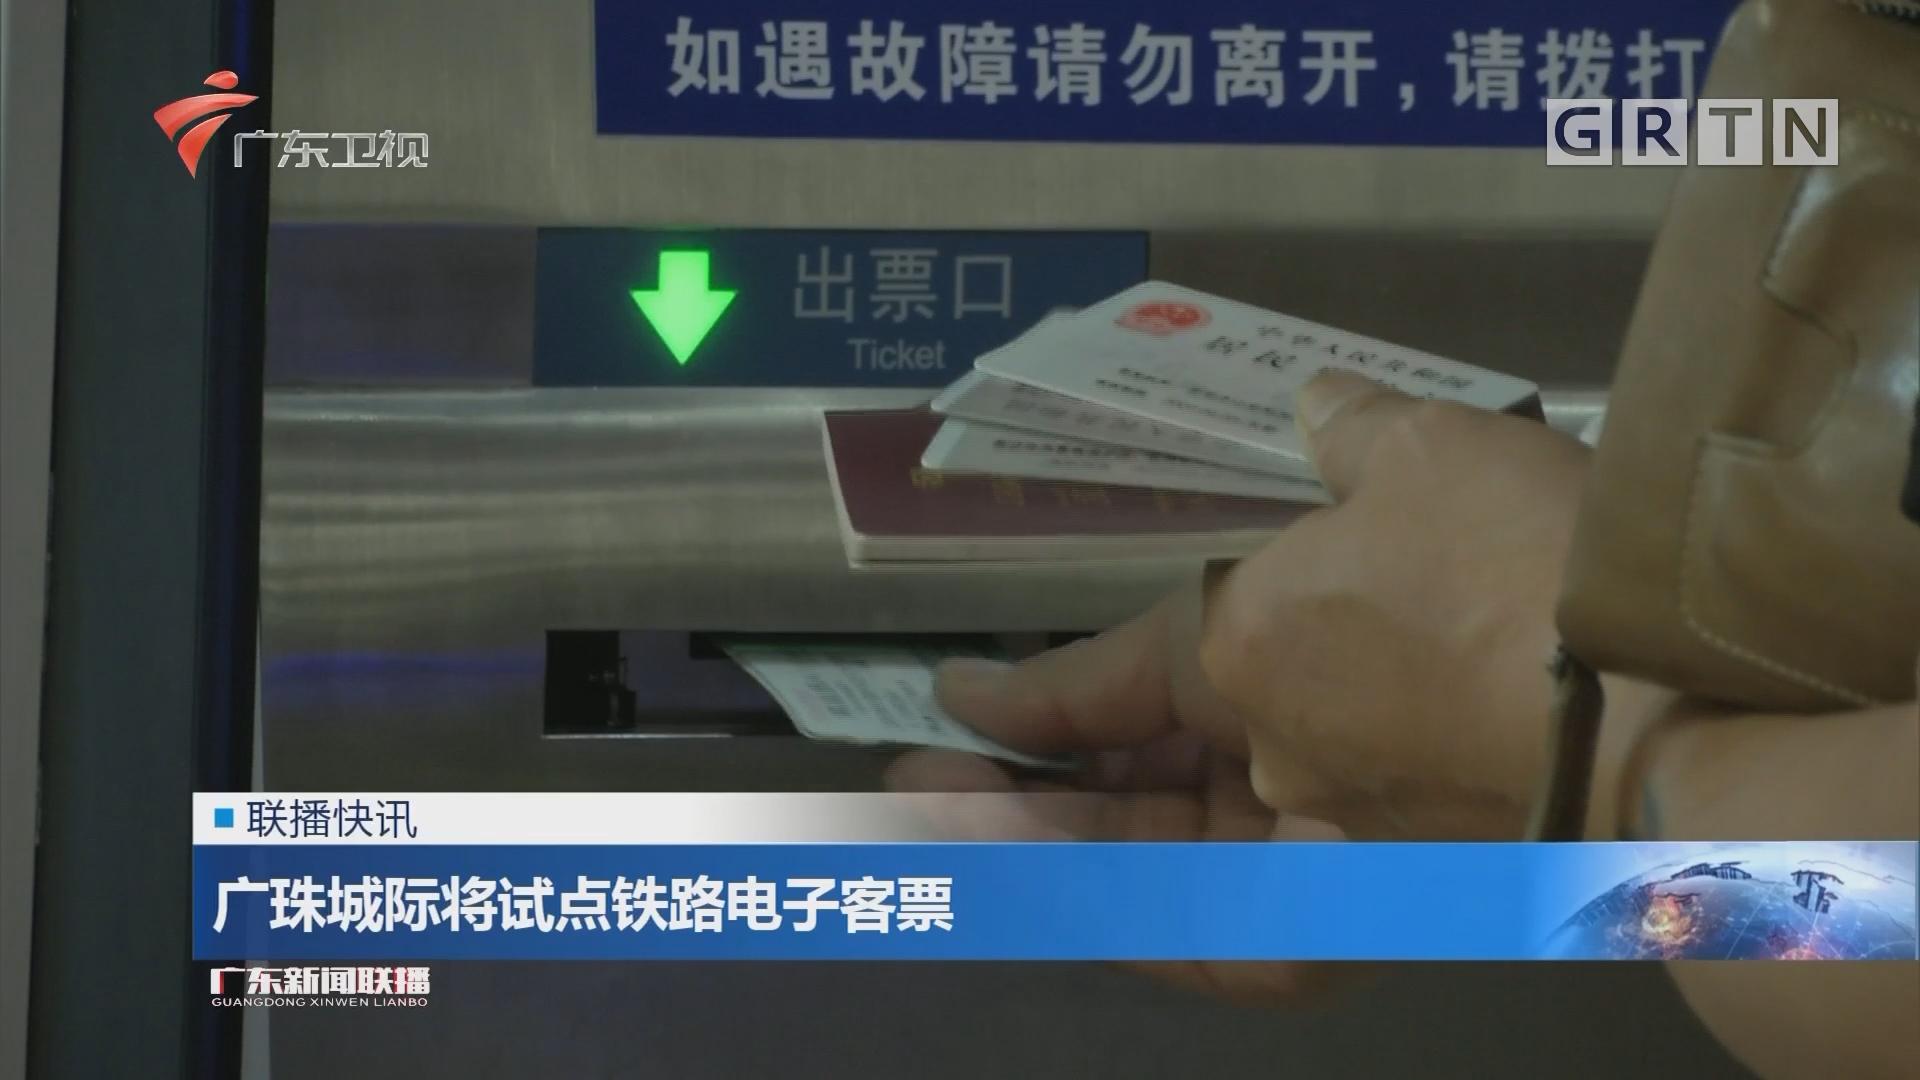 广珠城际将试点铁路电子客票